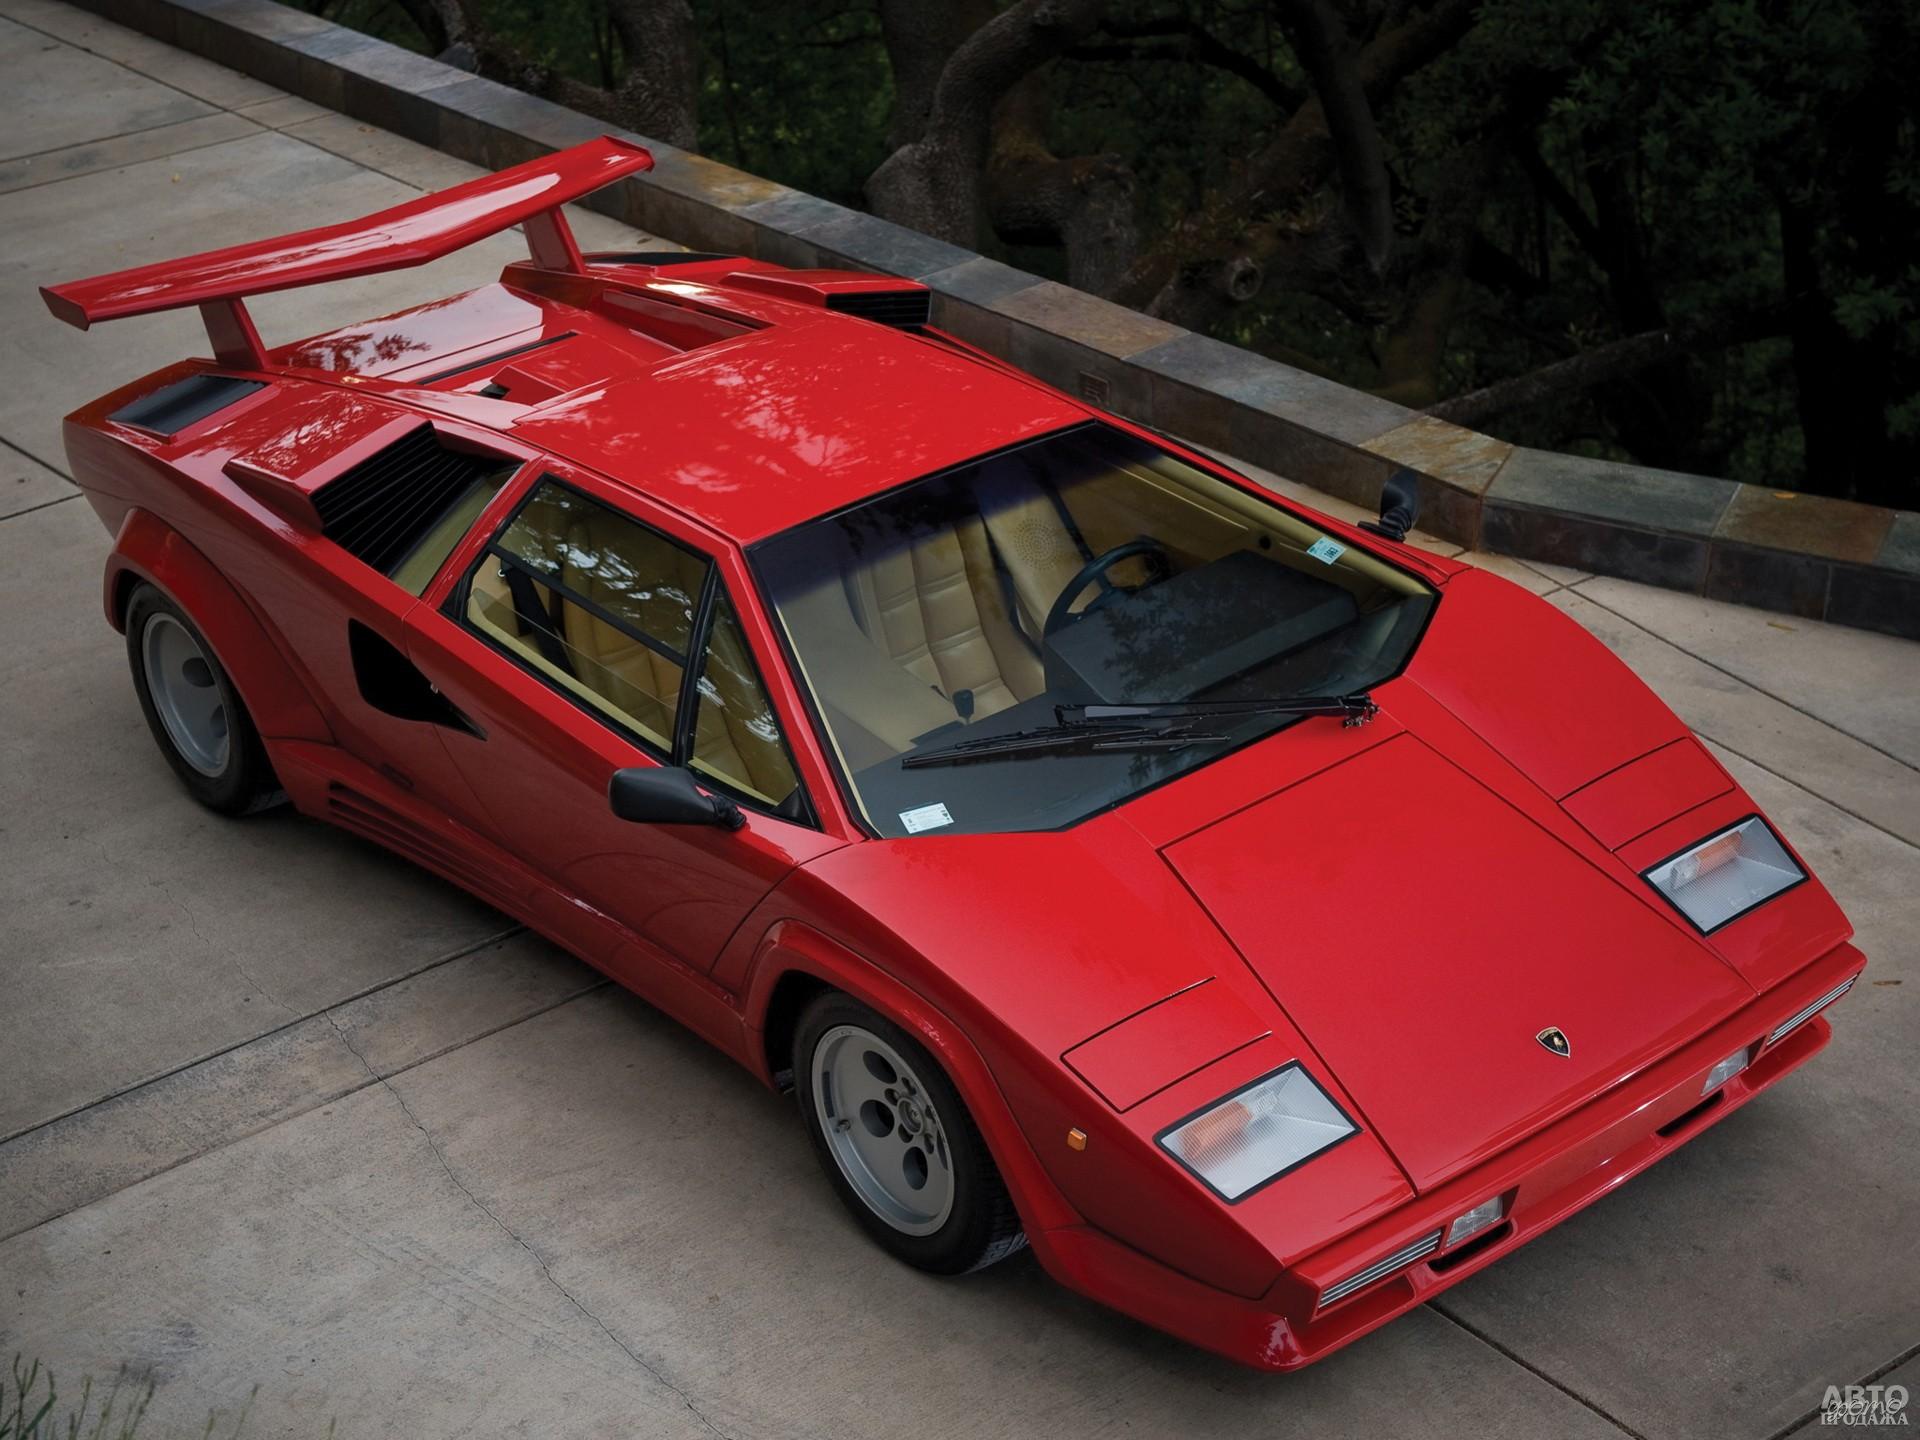 LP5000 QV 1985 года стал быстрее благодаря 455-сильному двигателю